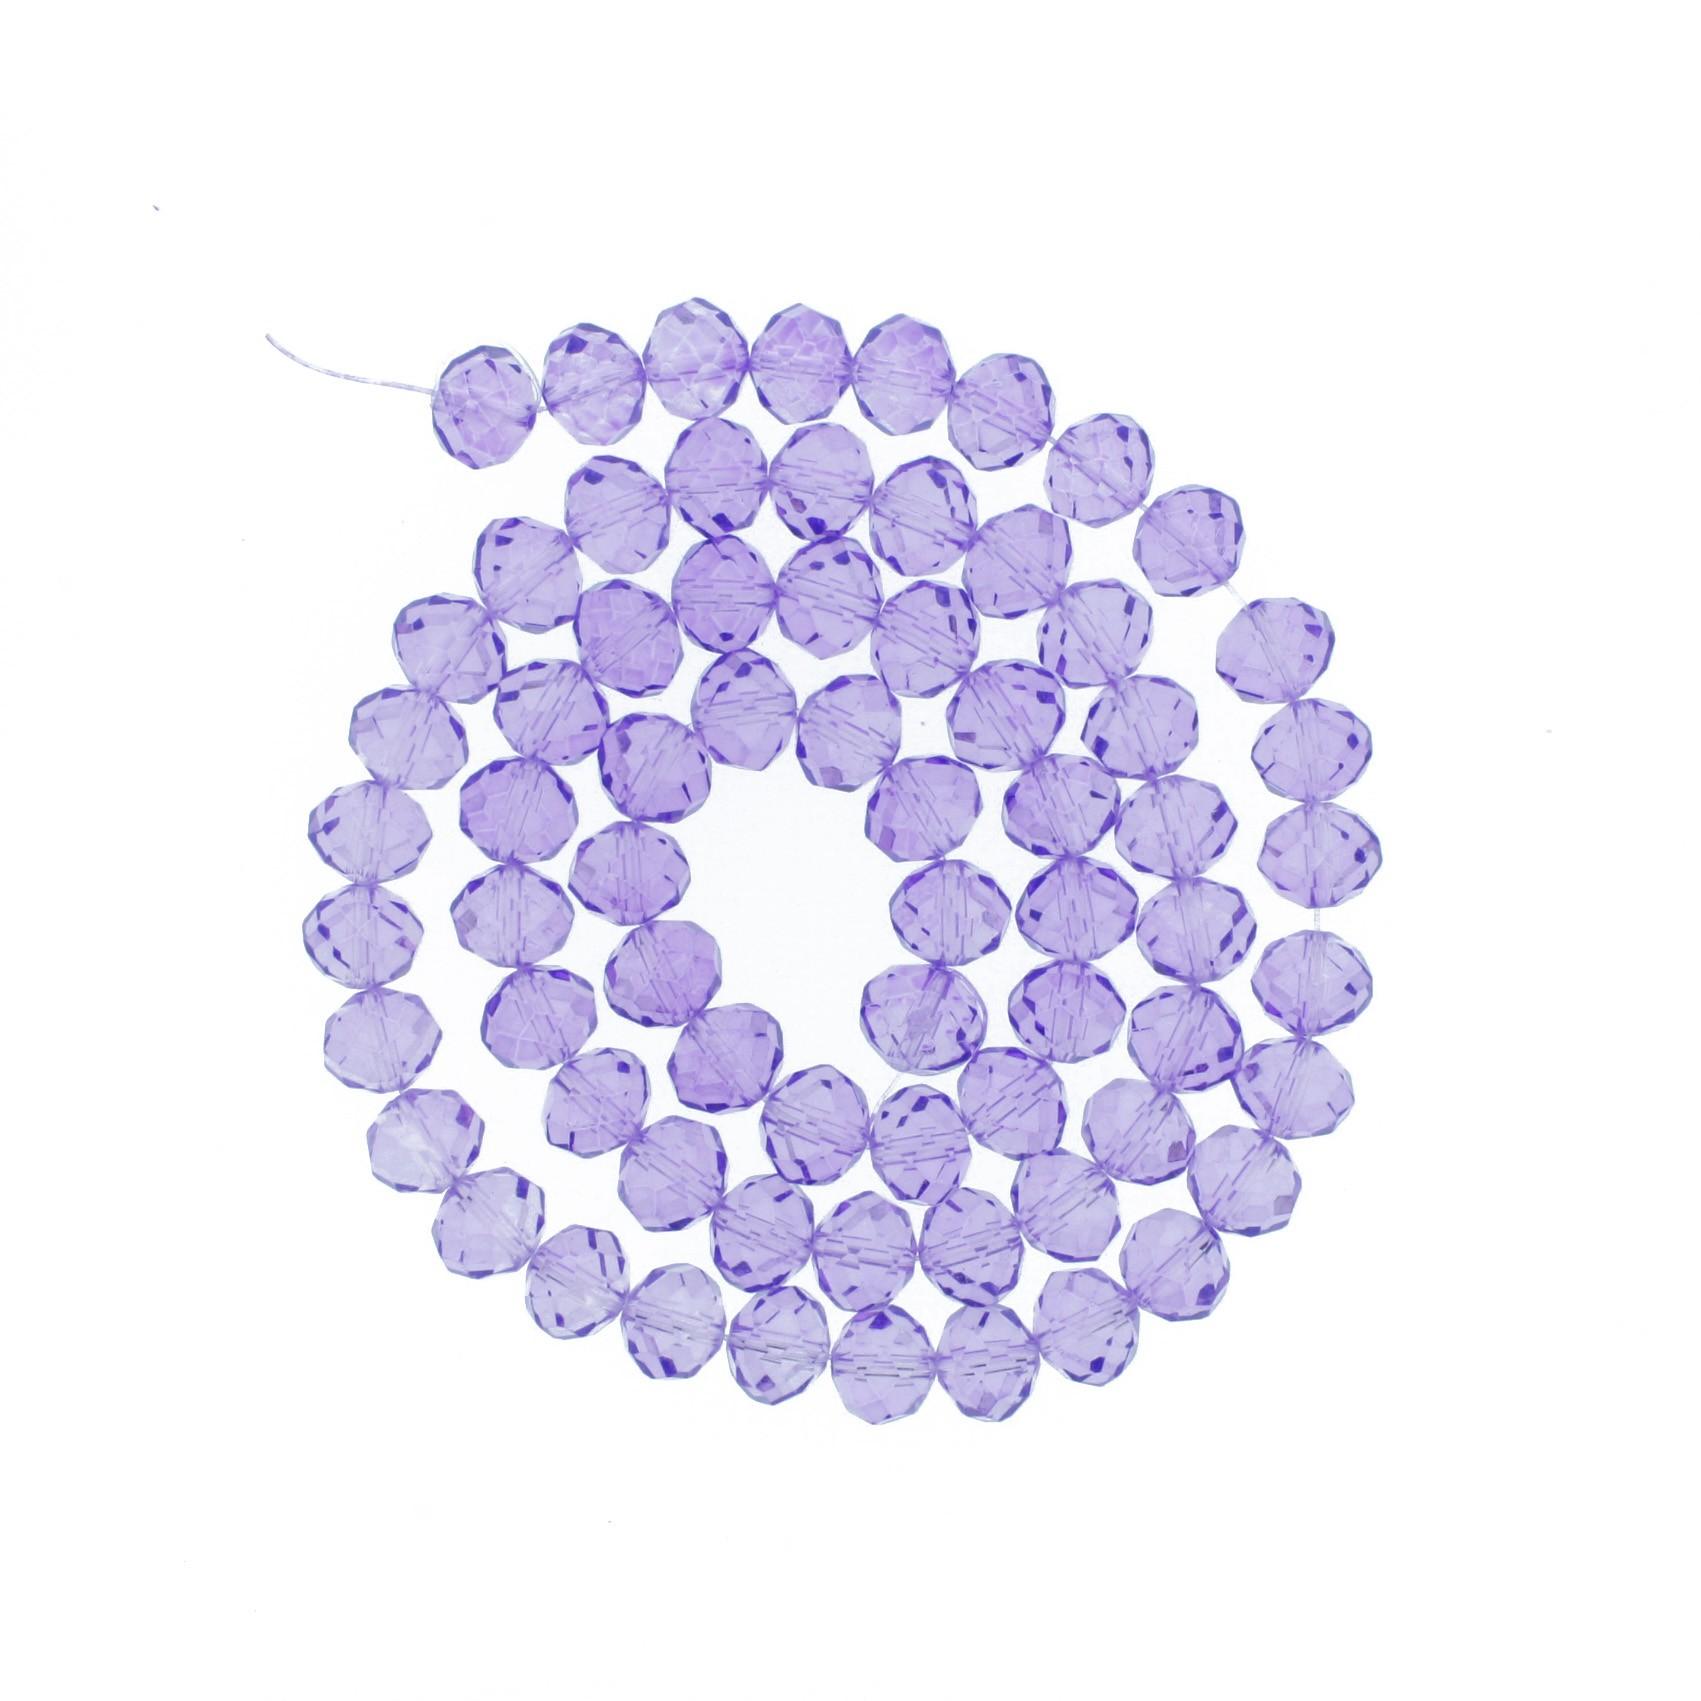 Fio de Cristal - Piatto® - Lilás Transparente - 10mm  - Universo Religioso® - Artigos de Umbanda e Candomblé